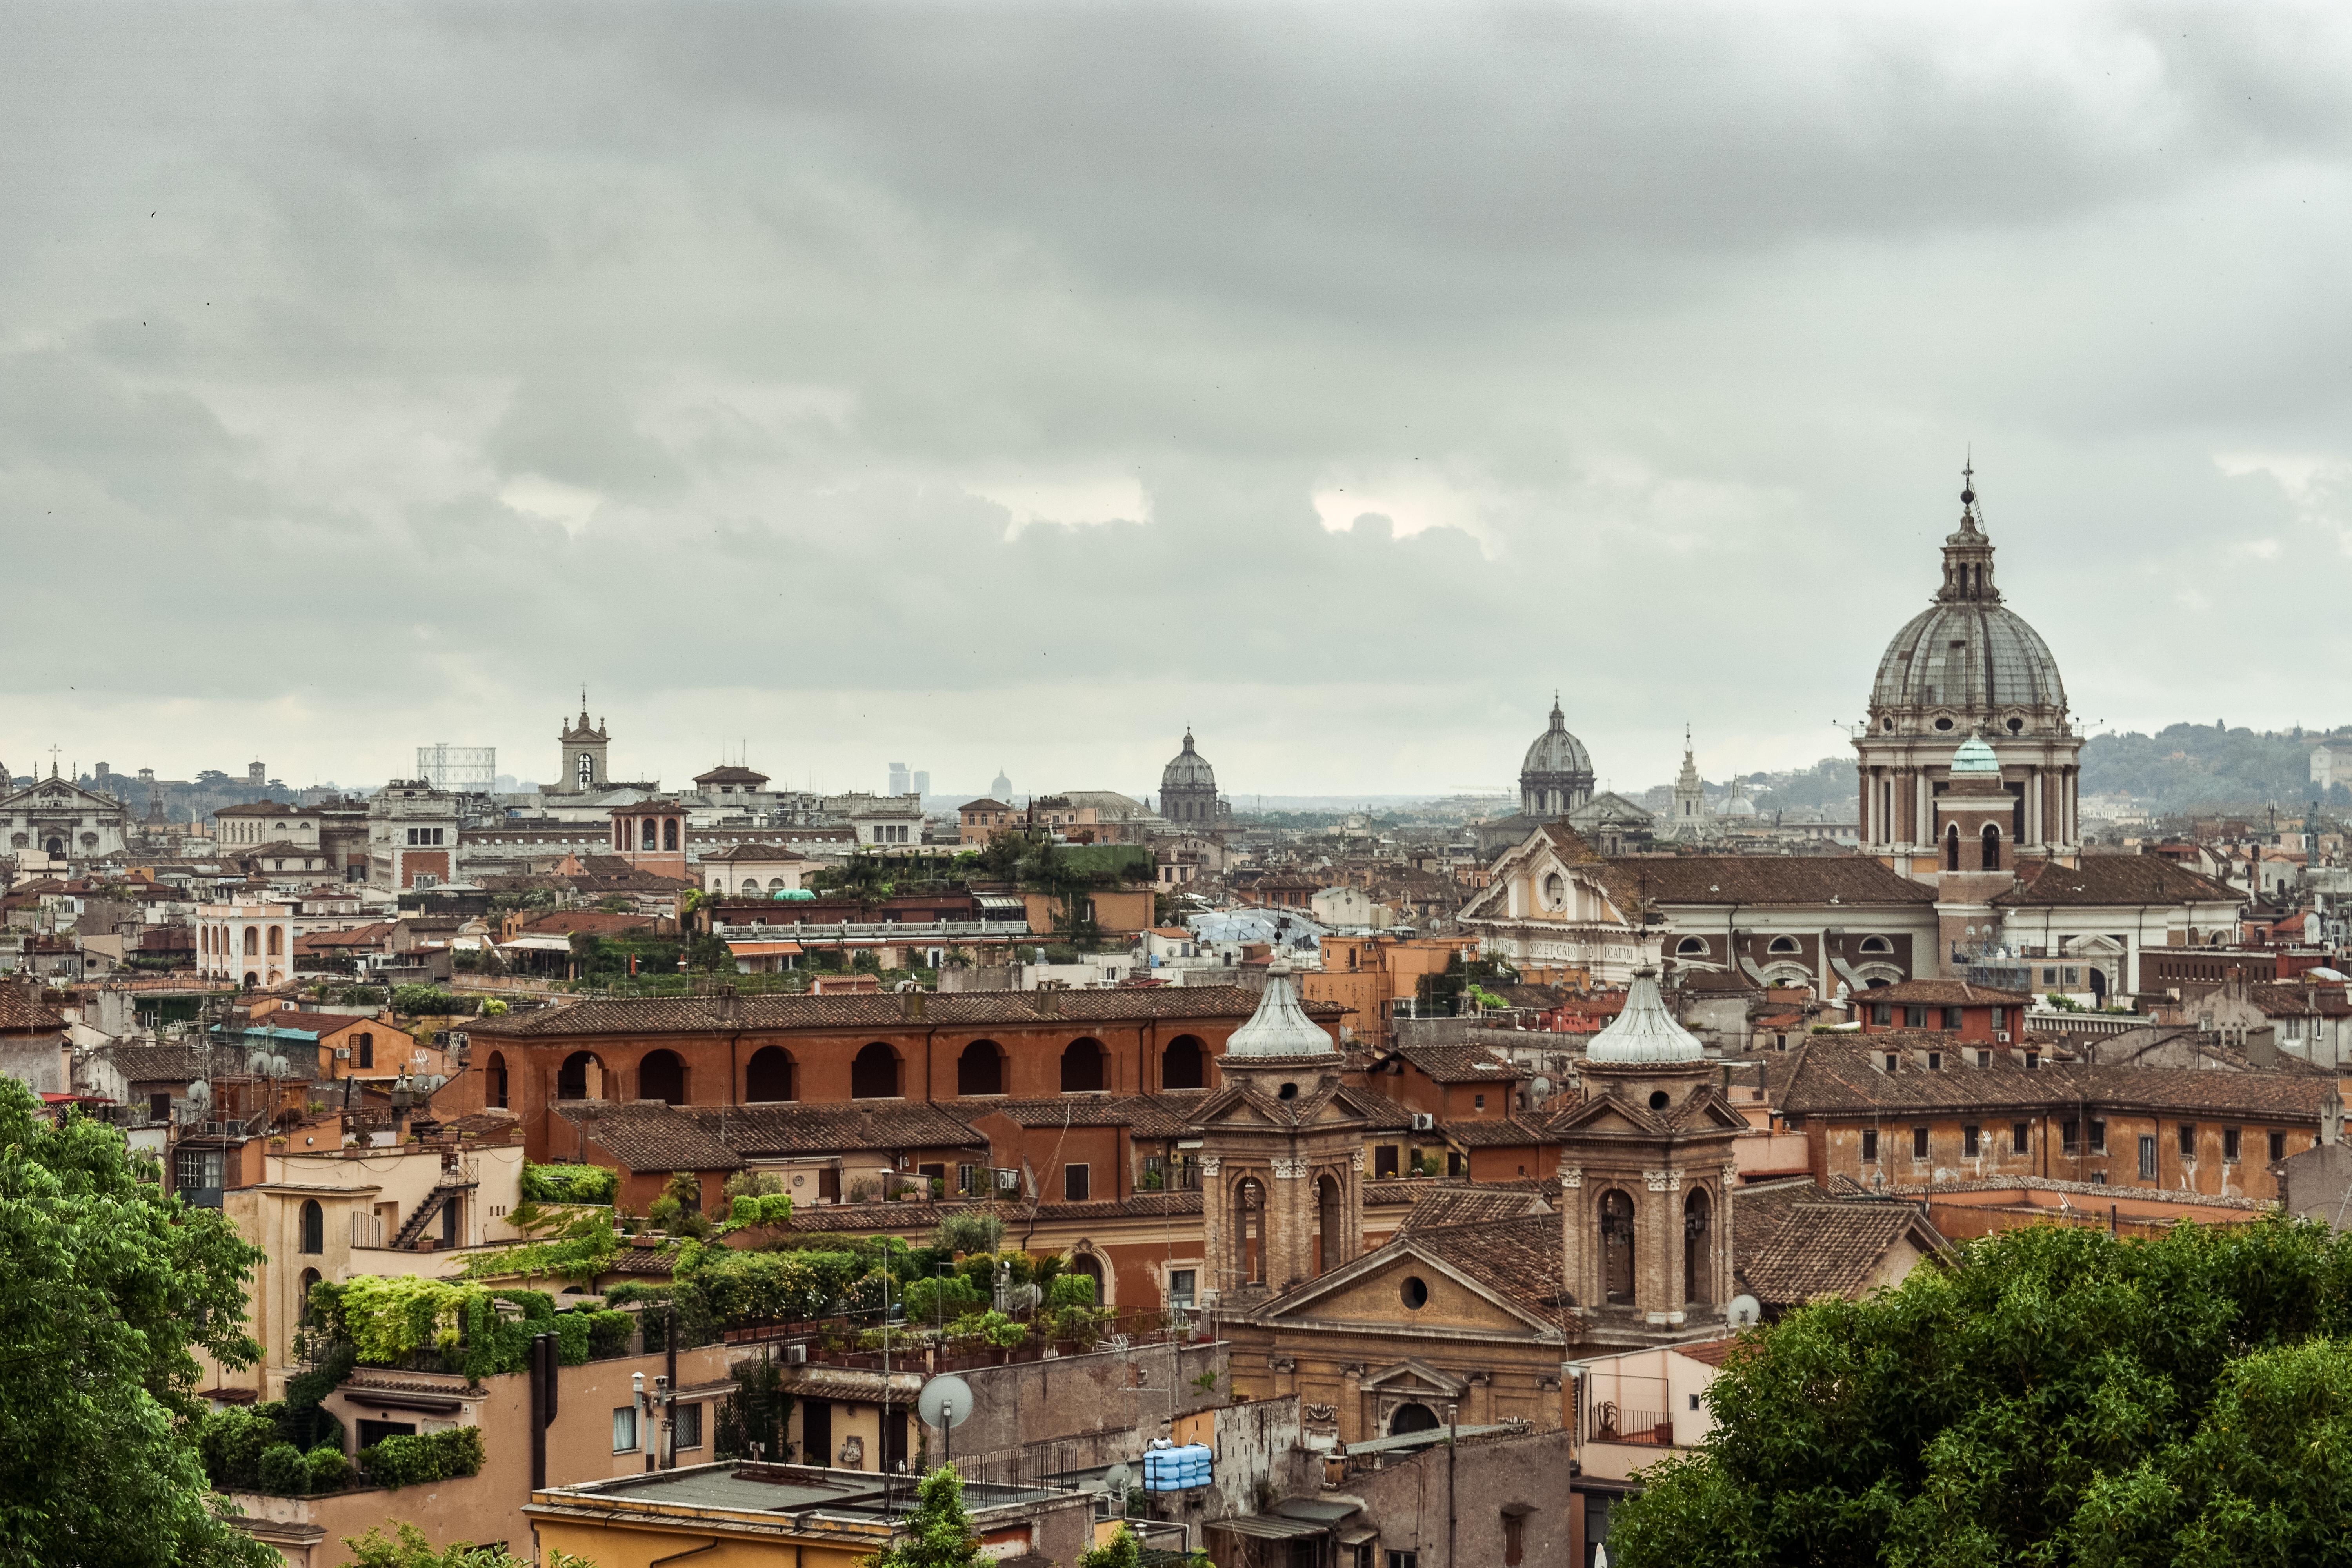 Three days in Rome - Villa Borghese